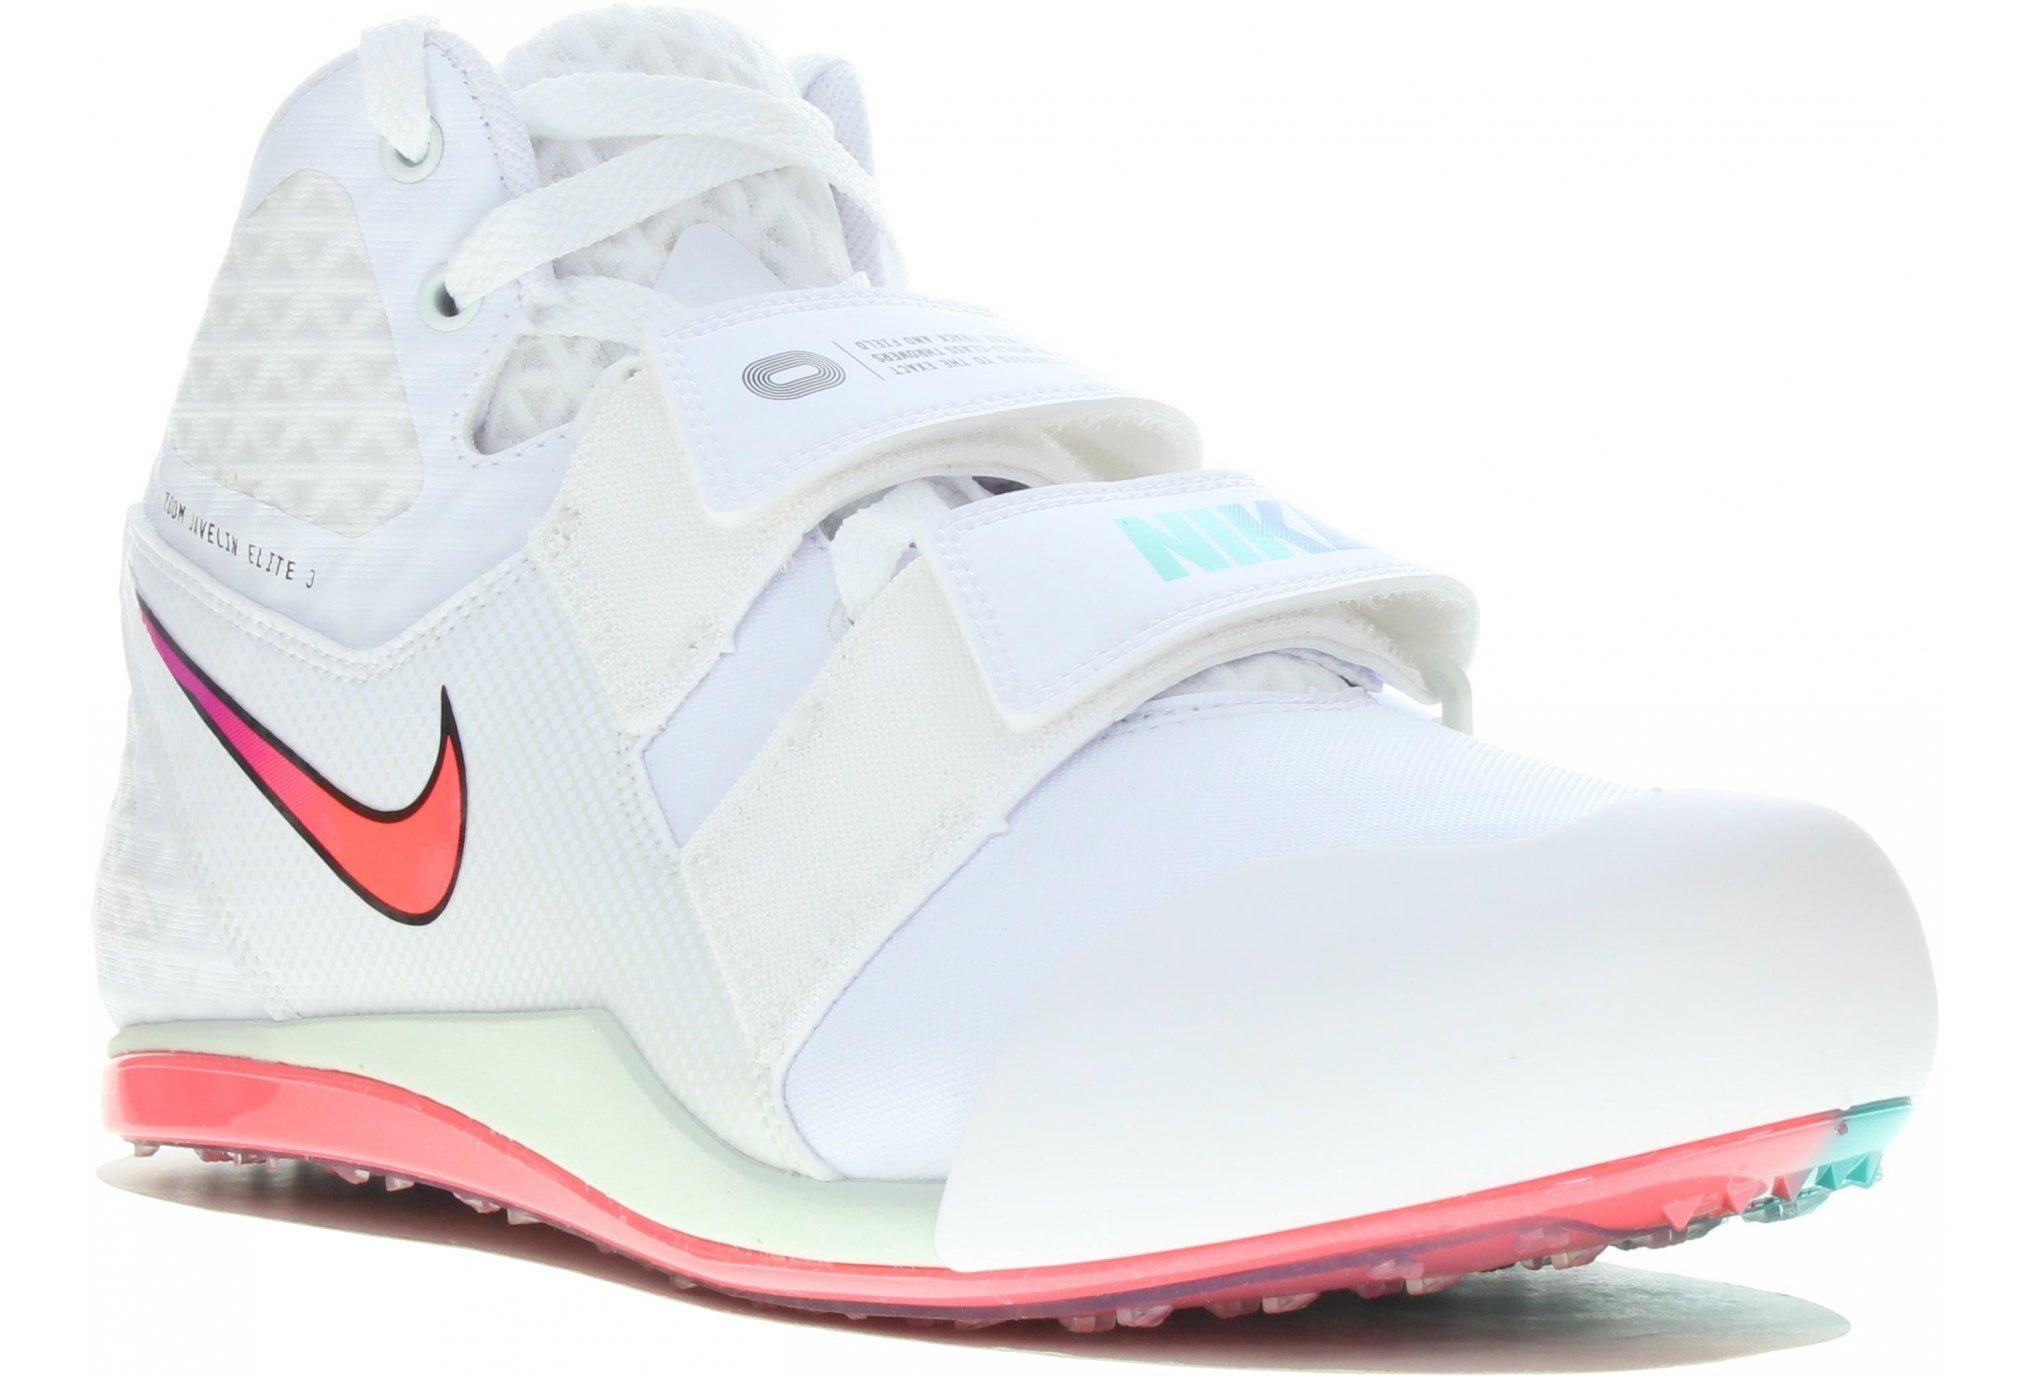 Nike Zoom Javelin Elite 3 M Chaussures homme